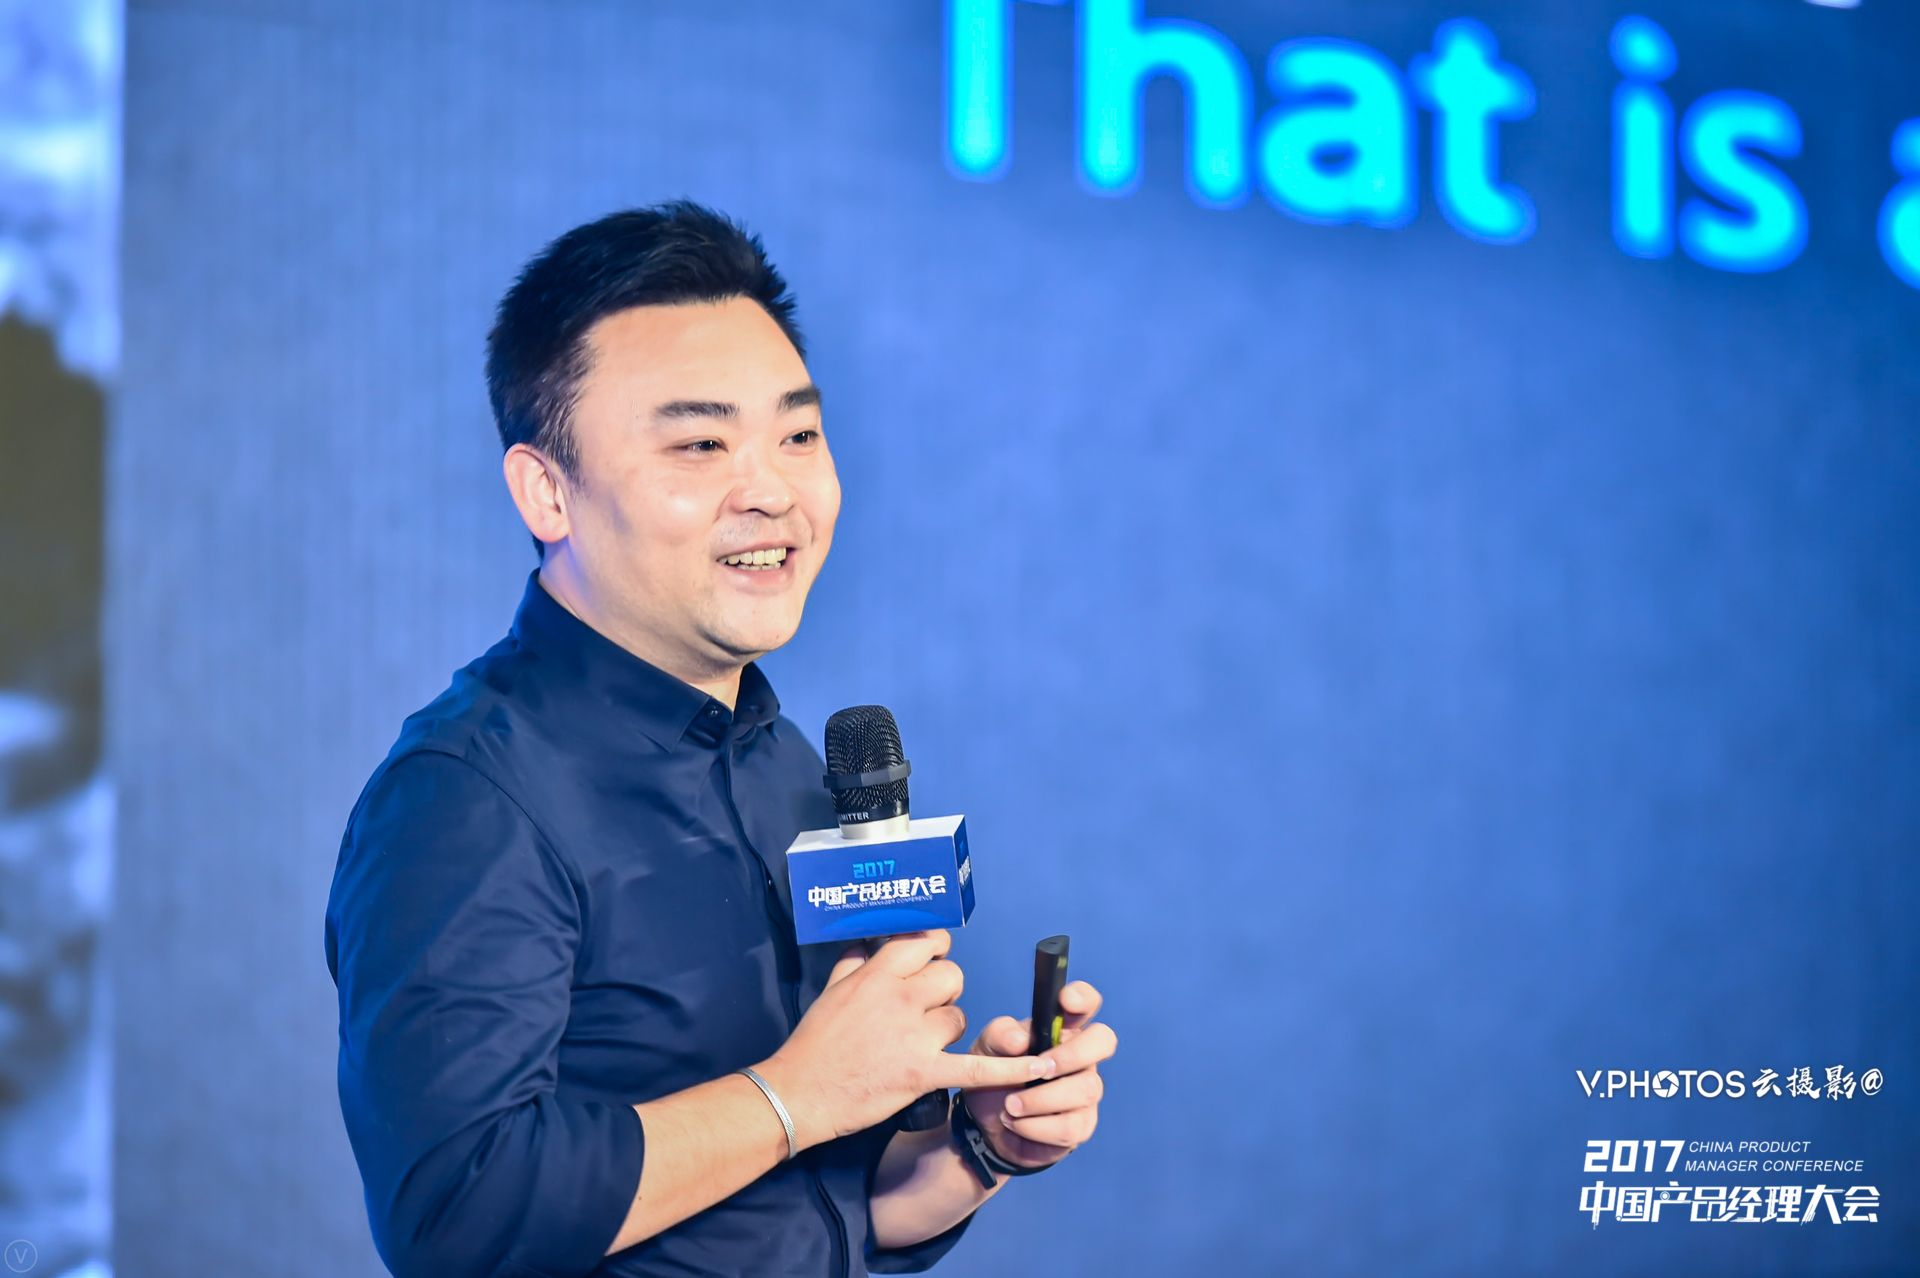 微吼创始人兼CEO林彦廷:2B直播的产品创新方法论